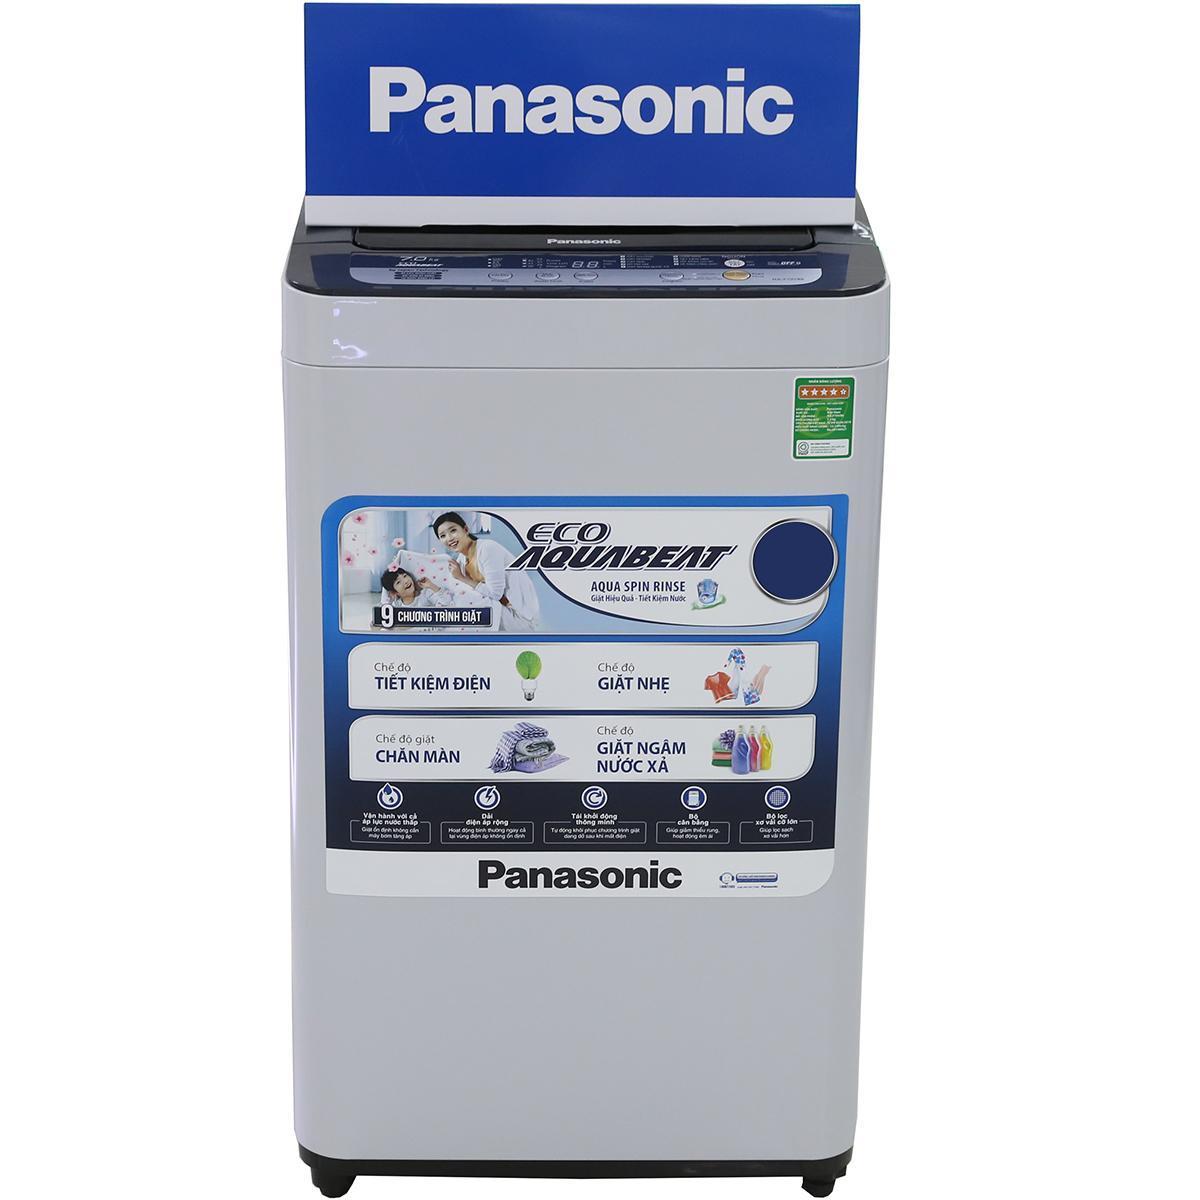 Chiếc máy giặt Panasonic xuất xứ từ Nhật Bản.